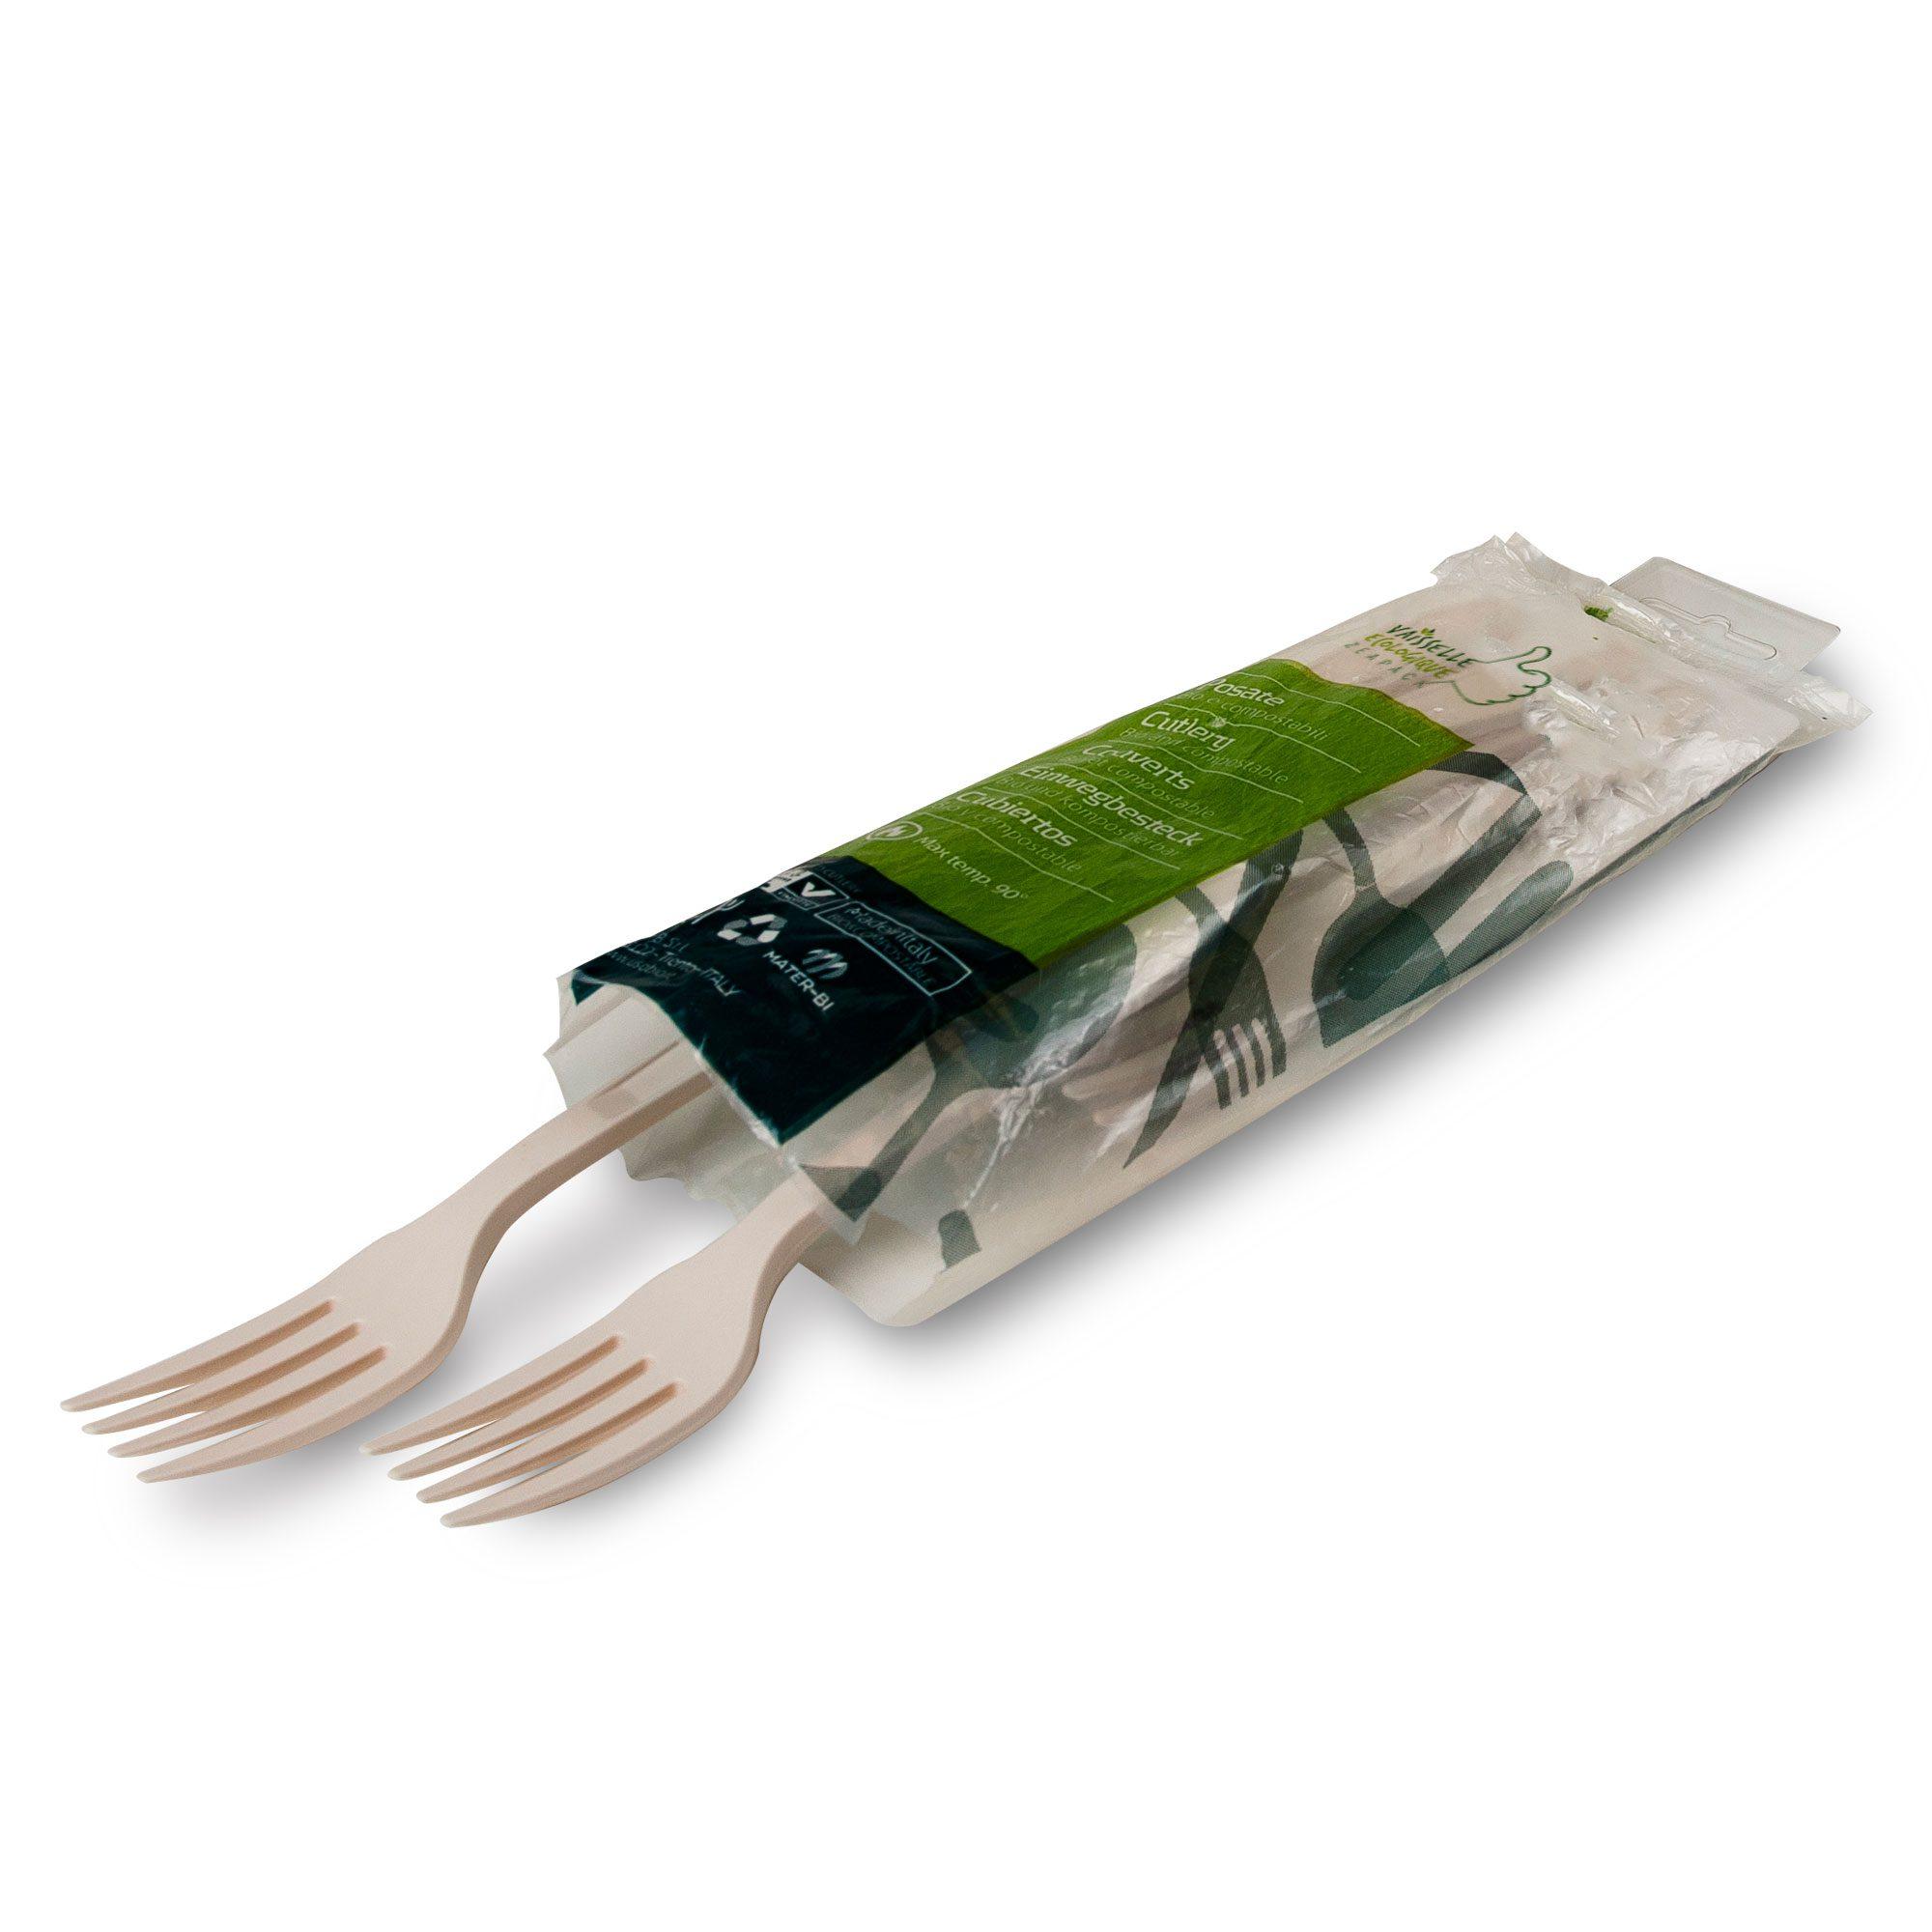 Fourchettes jetables zeapack sans plastique par 20